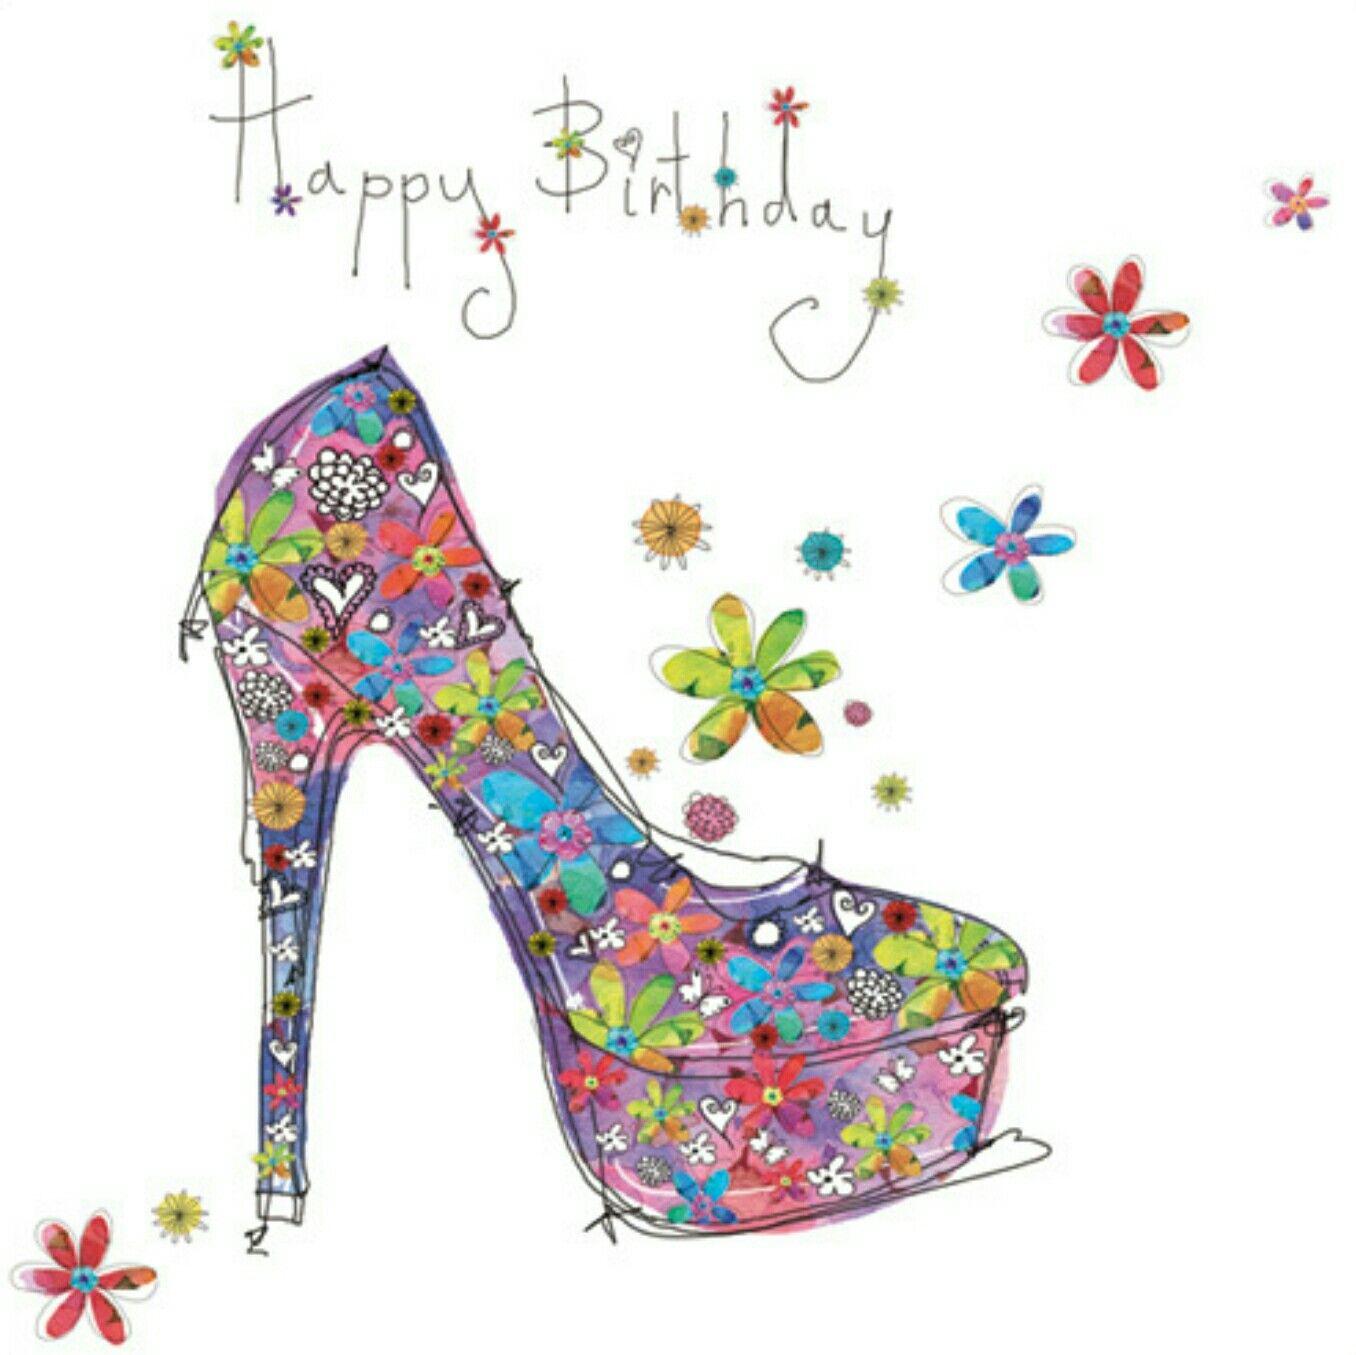 happy birthday to you birthdays pinterest happy birthday rh pinterest com Cartoon Birthday Clip Art for Women Maxine Birthday Clip Art for Women